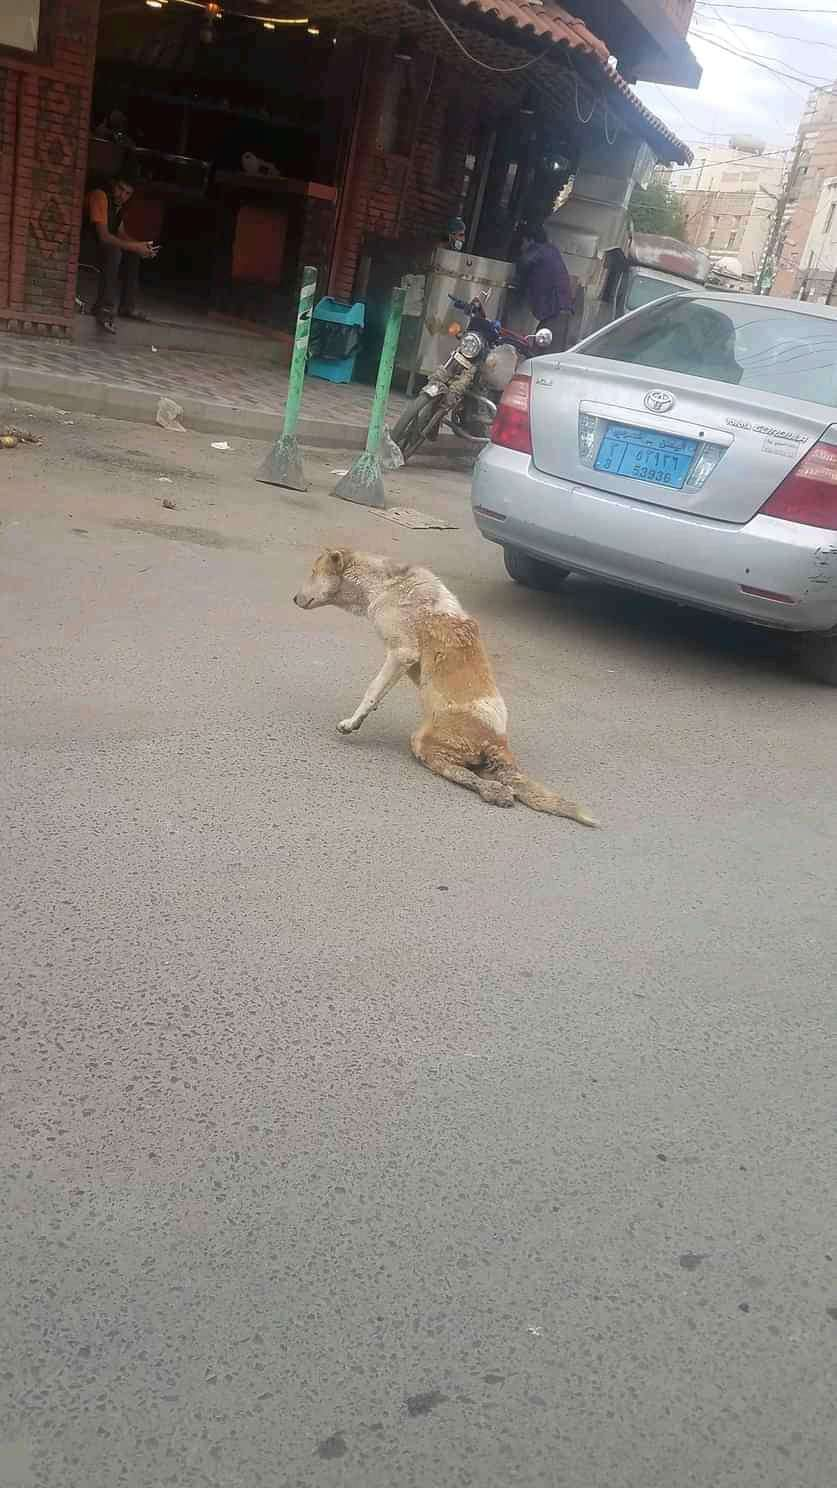 بالصور .. تعرف على قصة كلب دهُس وضُرب عليه الرصاص فأنقذه شاب من الموت بصنعاء !